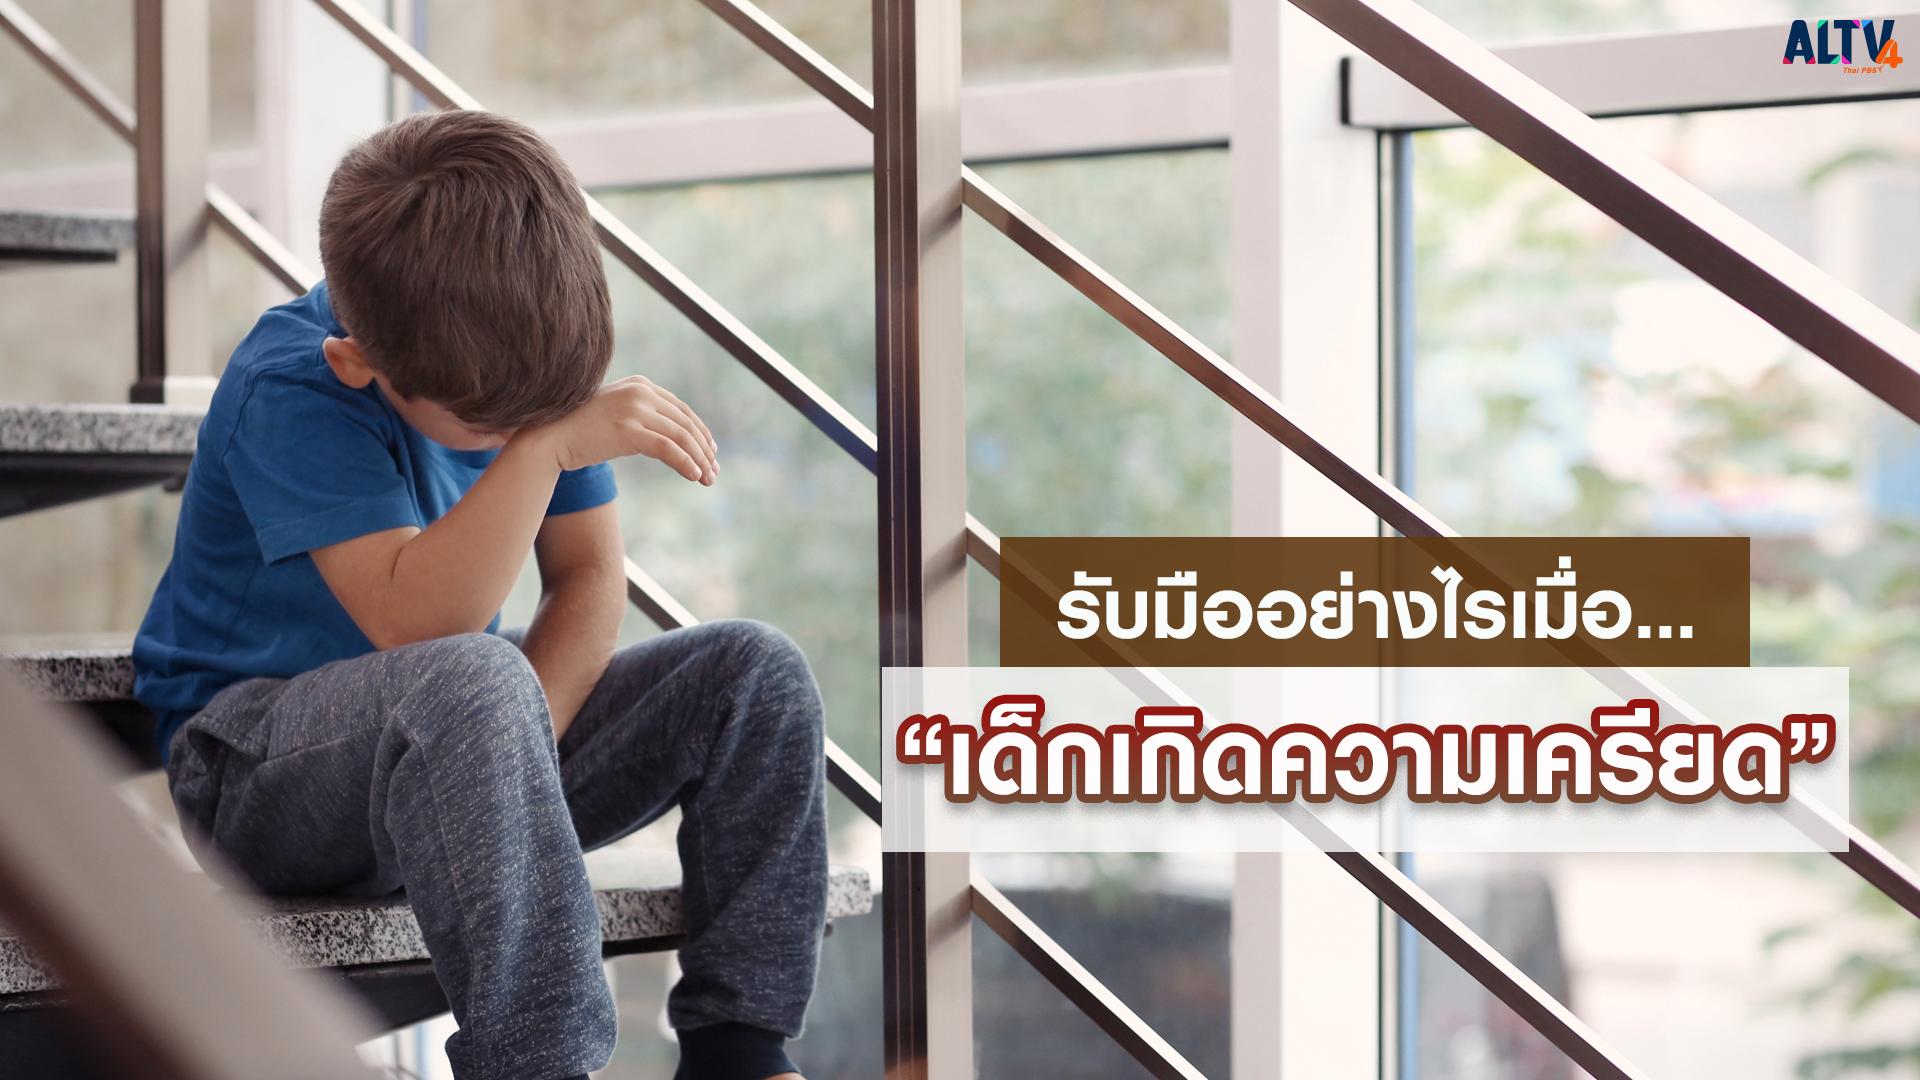 รับมืออย่างไร เมื่อเด็กเกิดความเครียด